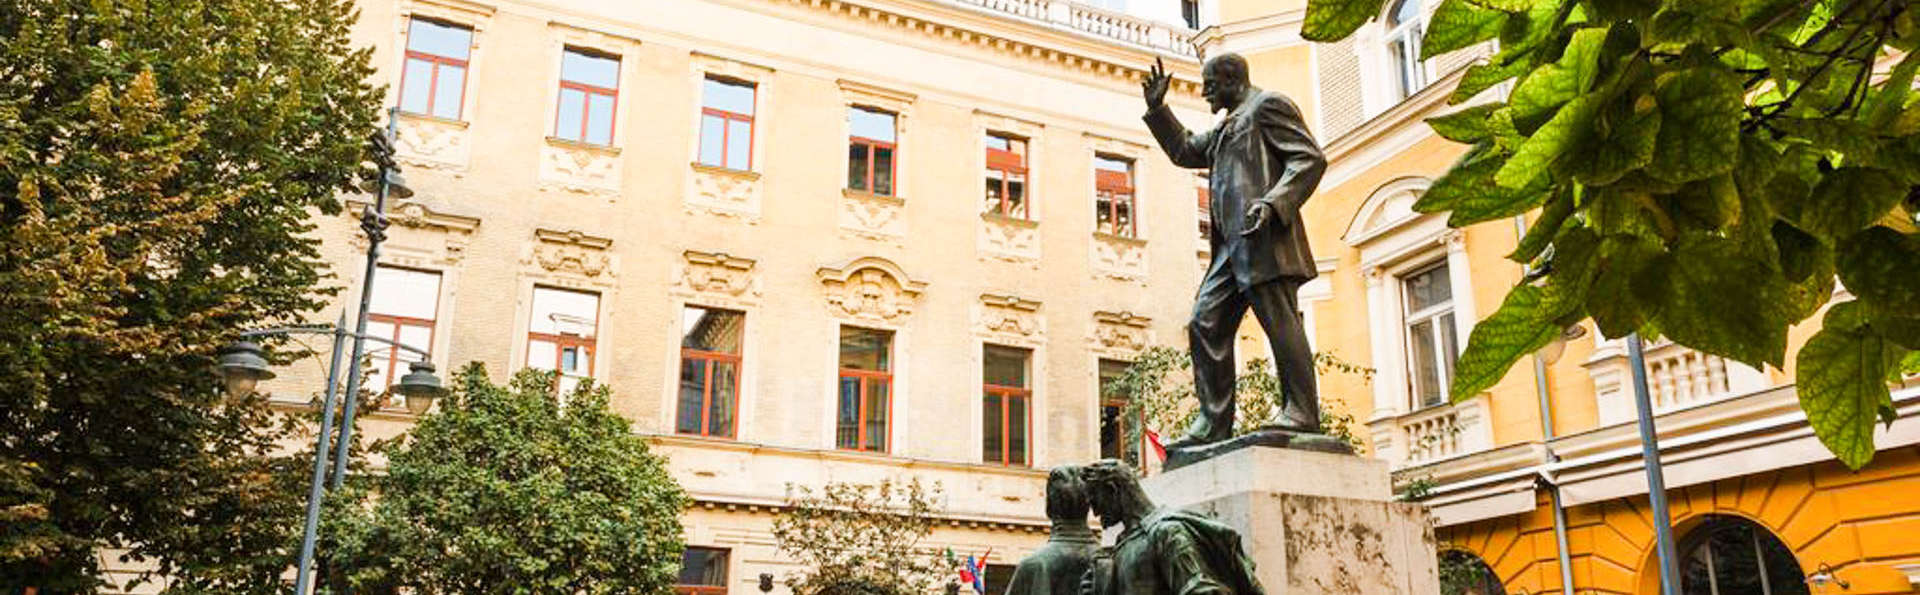 Escapada a Budapest en el histórico barrio del palacio